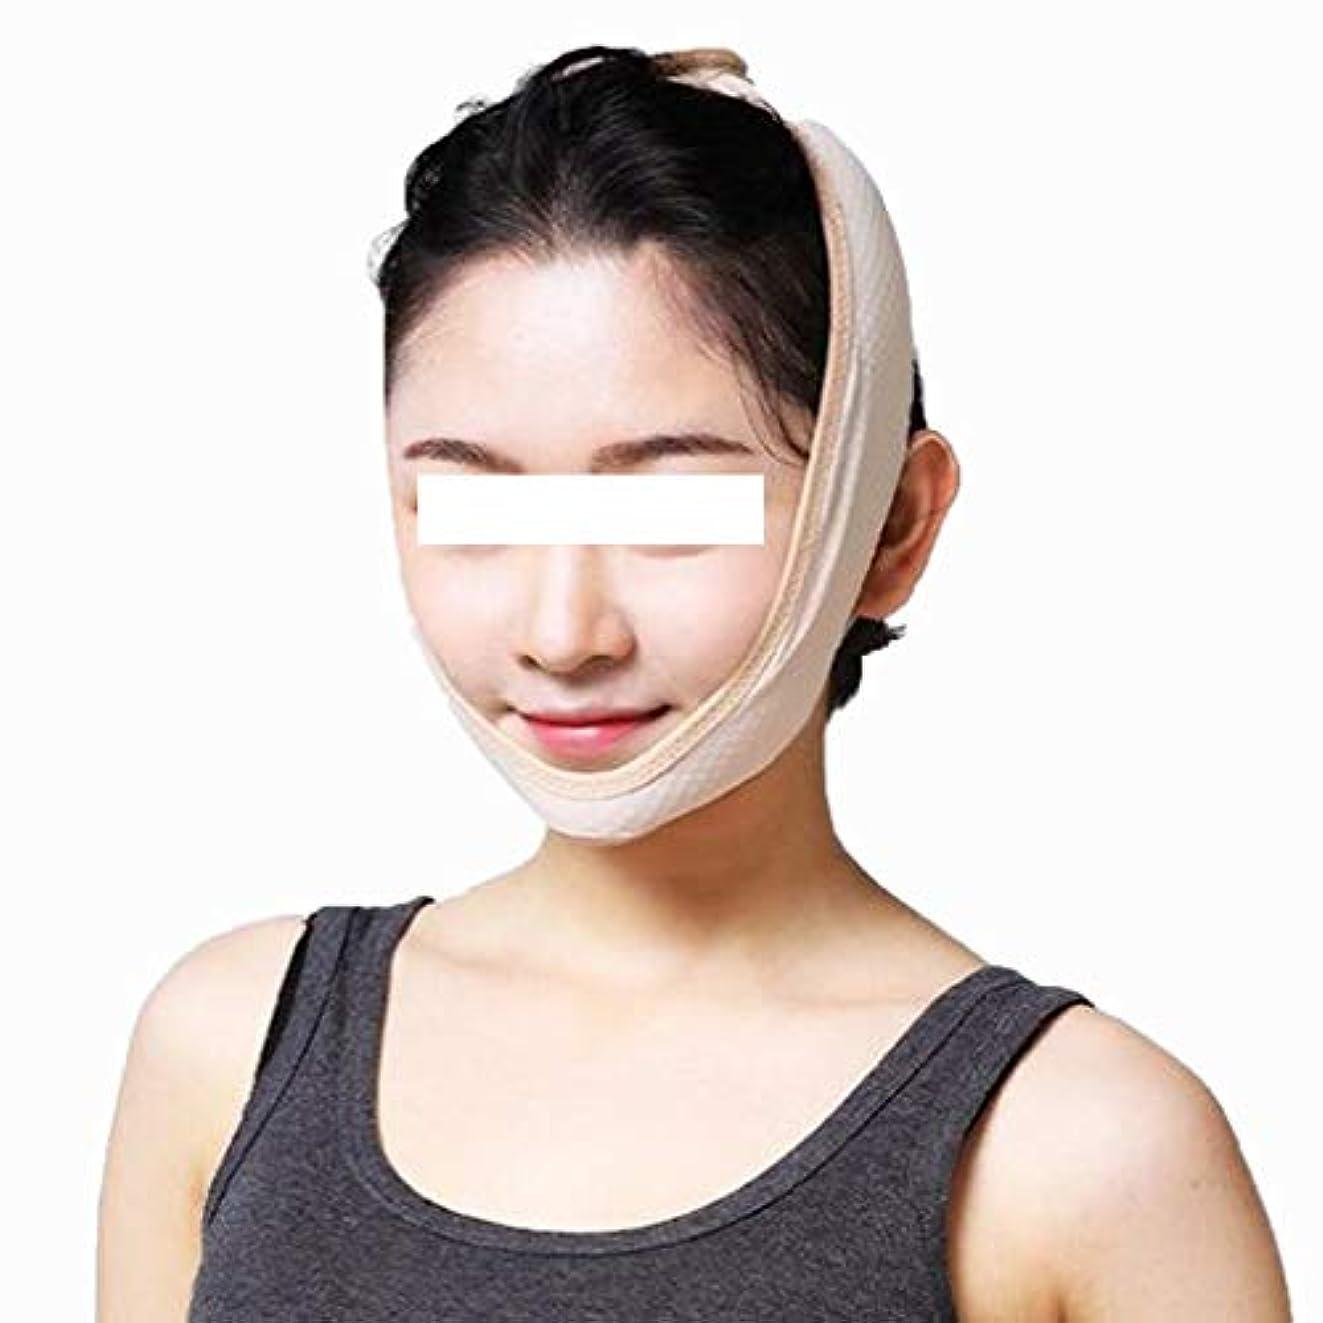 のみ肯定的祈り顔のマスクのあごの首のベルトシートの反老化の表面は持ち上げます